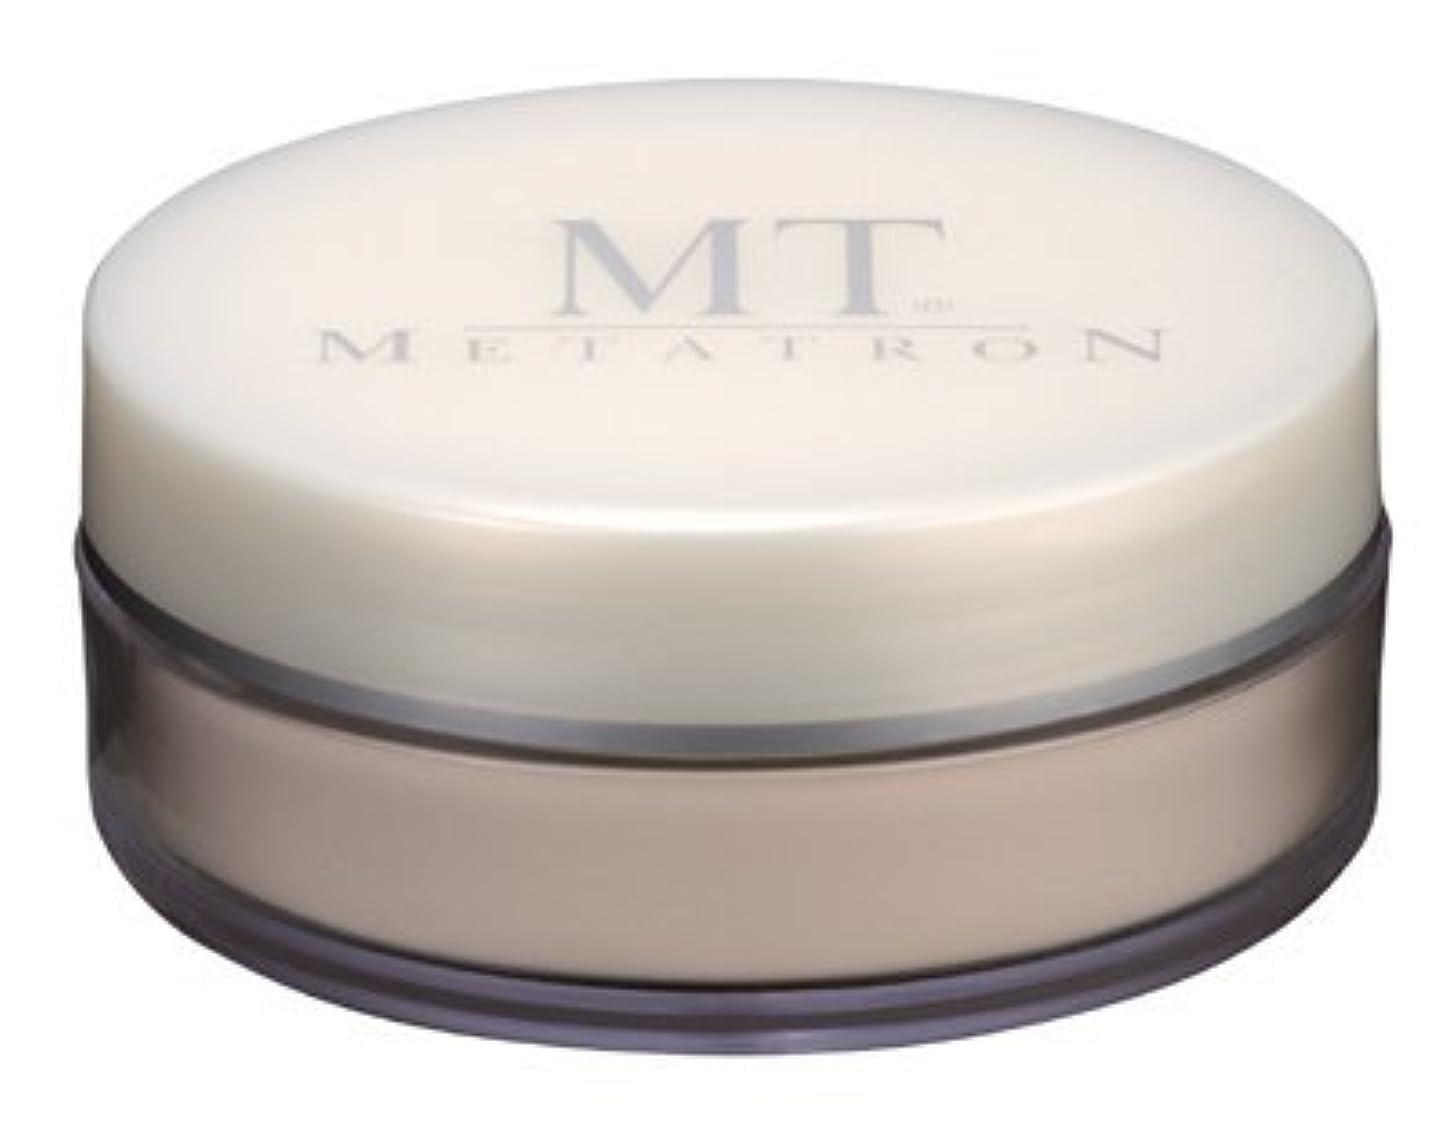 ディプロママニア歯MTメタトロン MTプロテクトUVルースパウダー 20g 【ピンク】